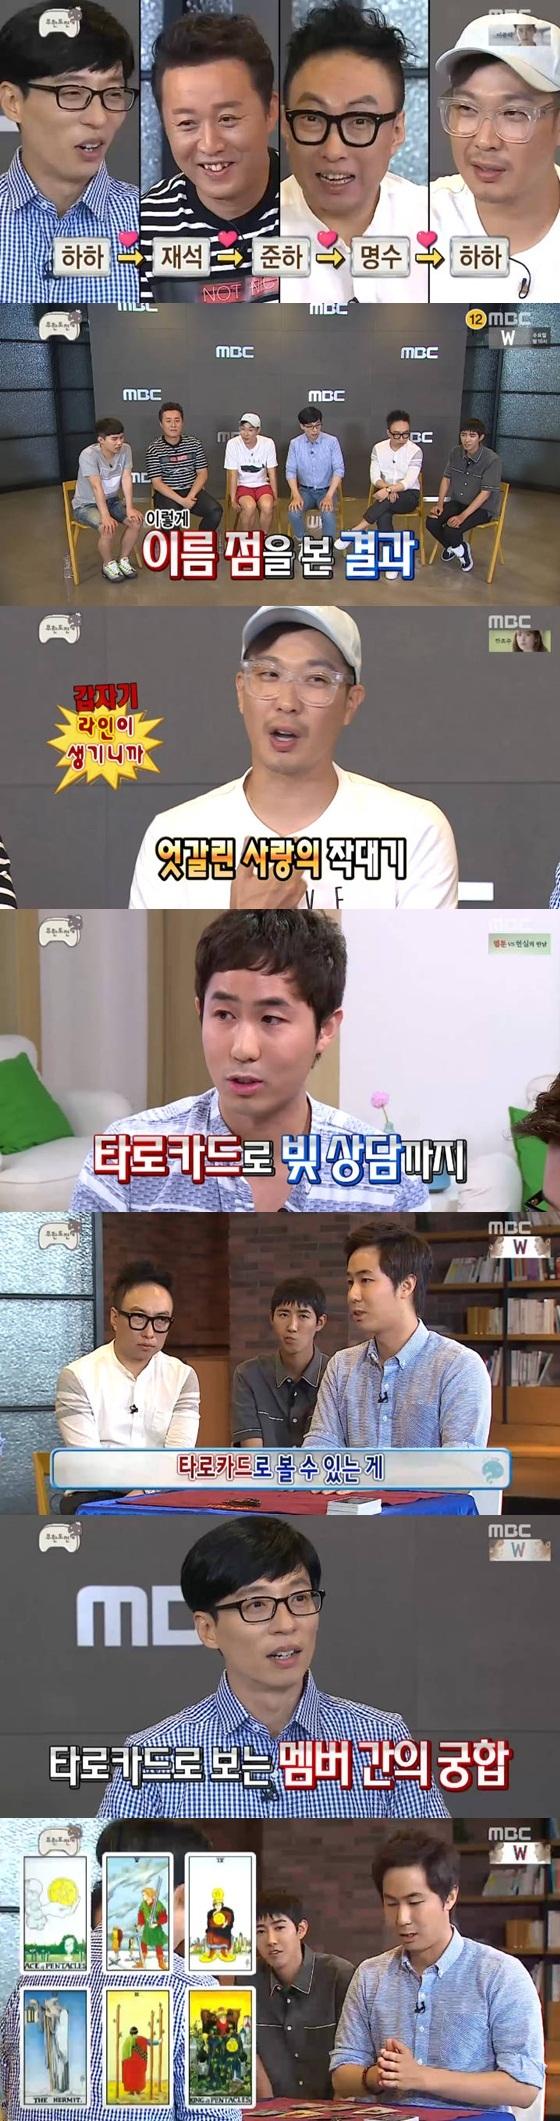 '무한도전' 멤버들, 서로의 귀인 찾았다…광희 인기 폭발(종합)